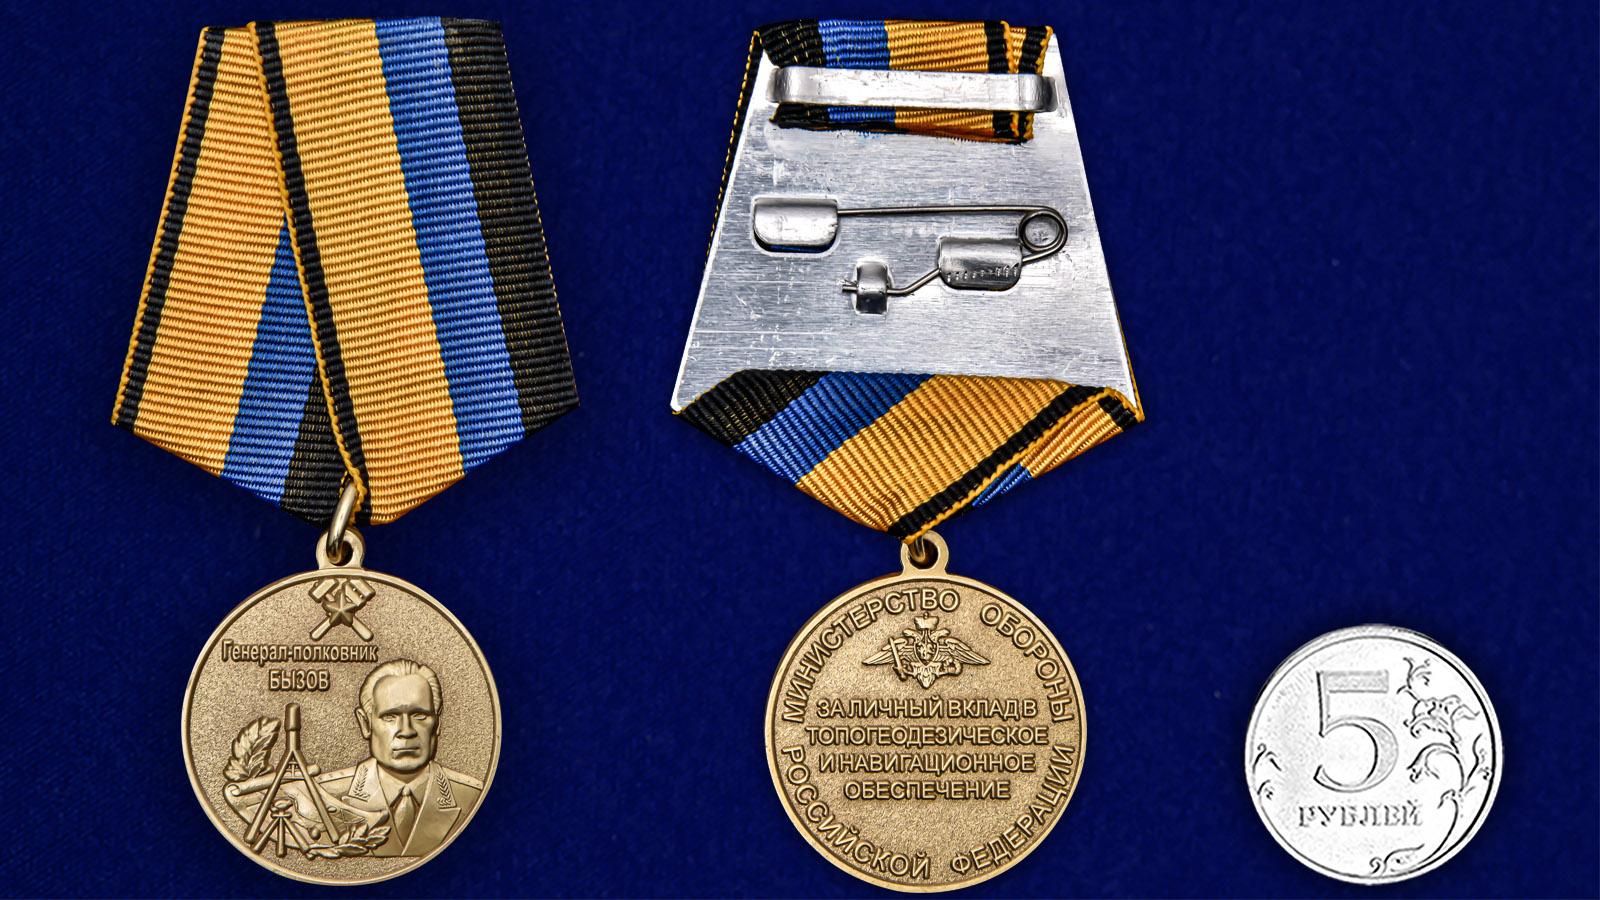 Латунная медаль Генерал-полковник Бызов МО РФ - сравнительный вид